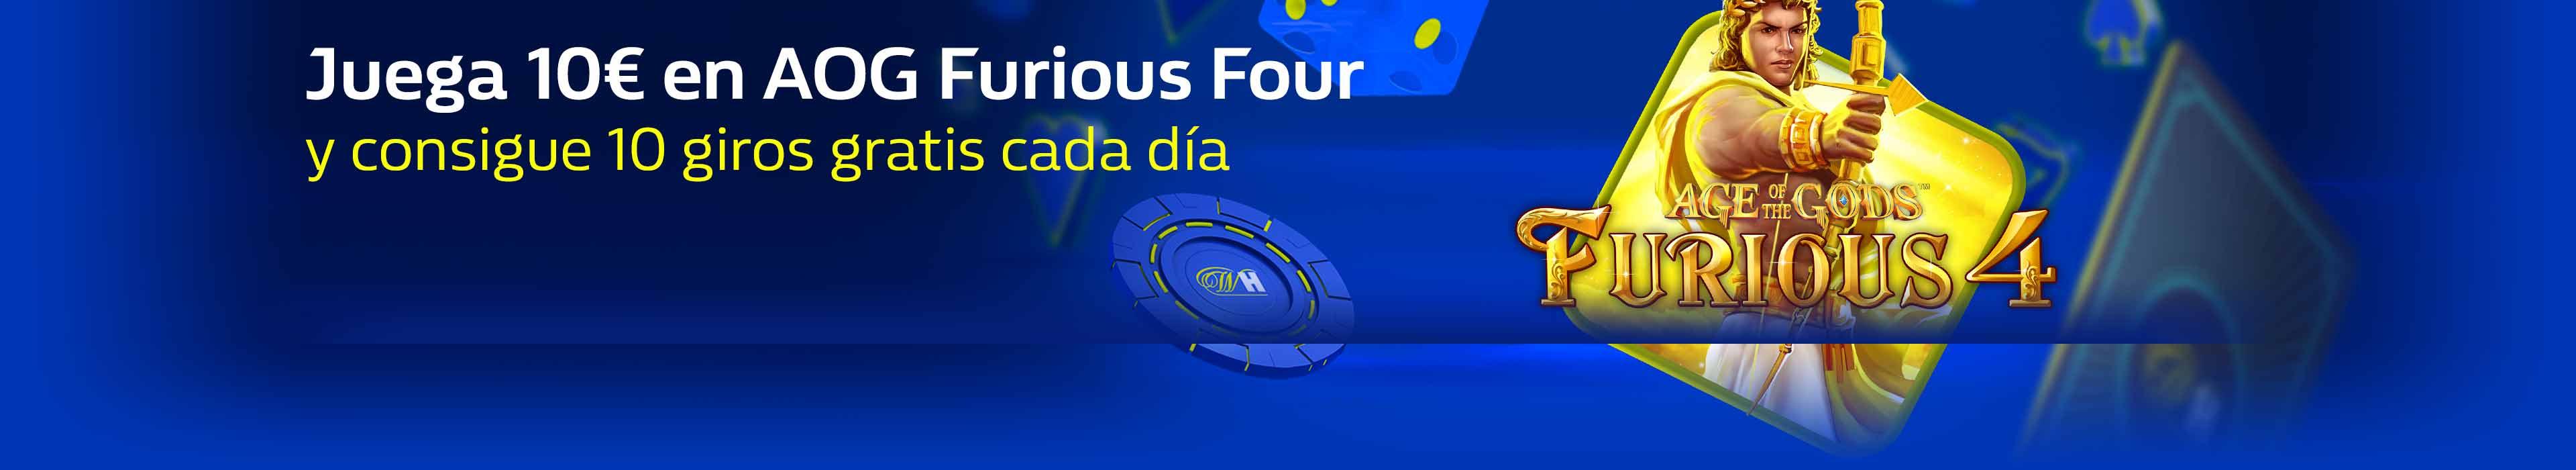 Consigue hasta 70 giros gratis jugando a AOG Furious Four.